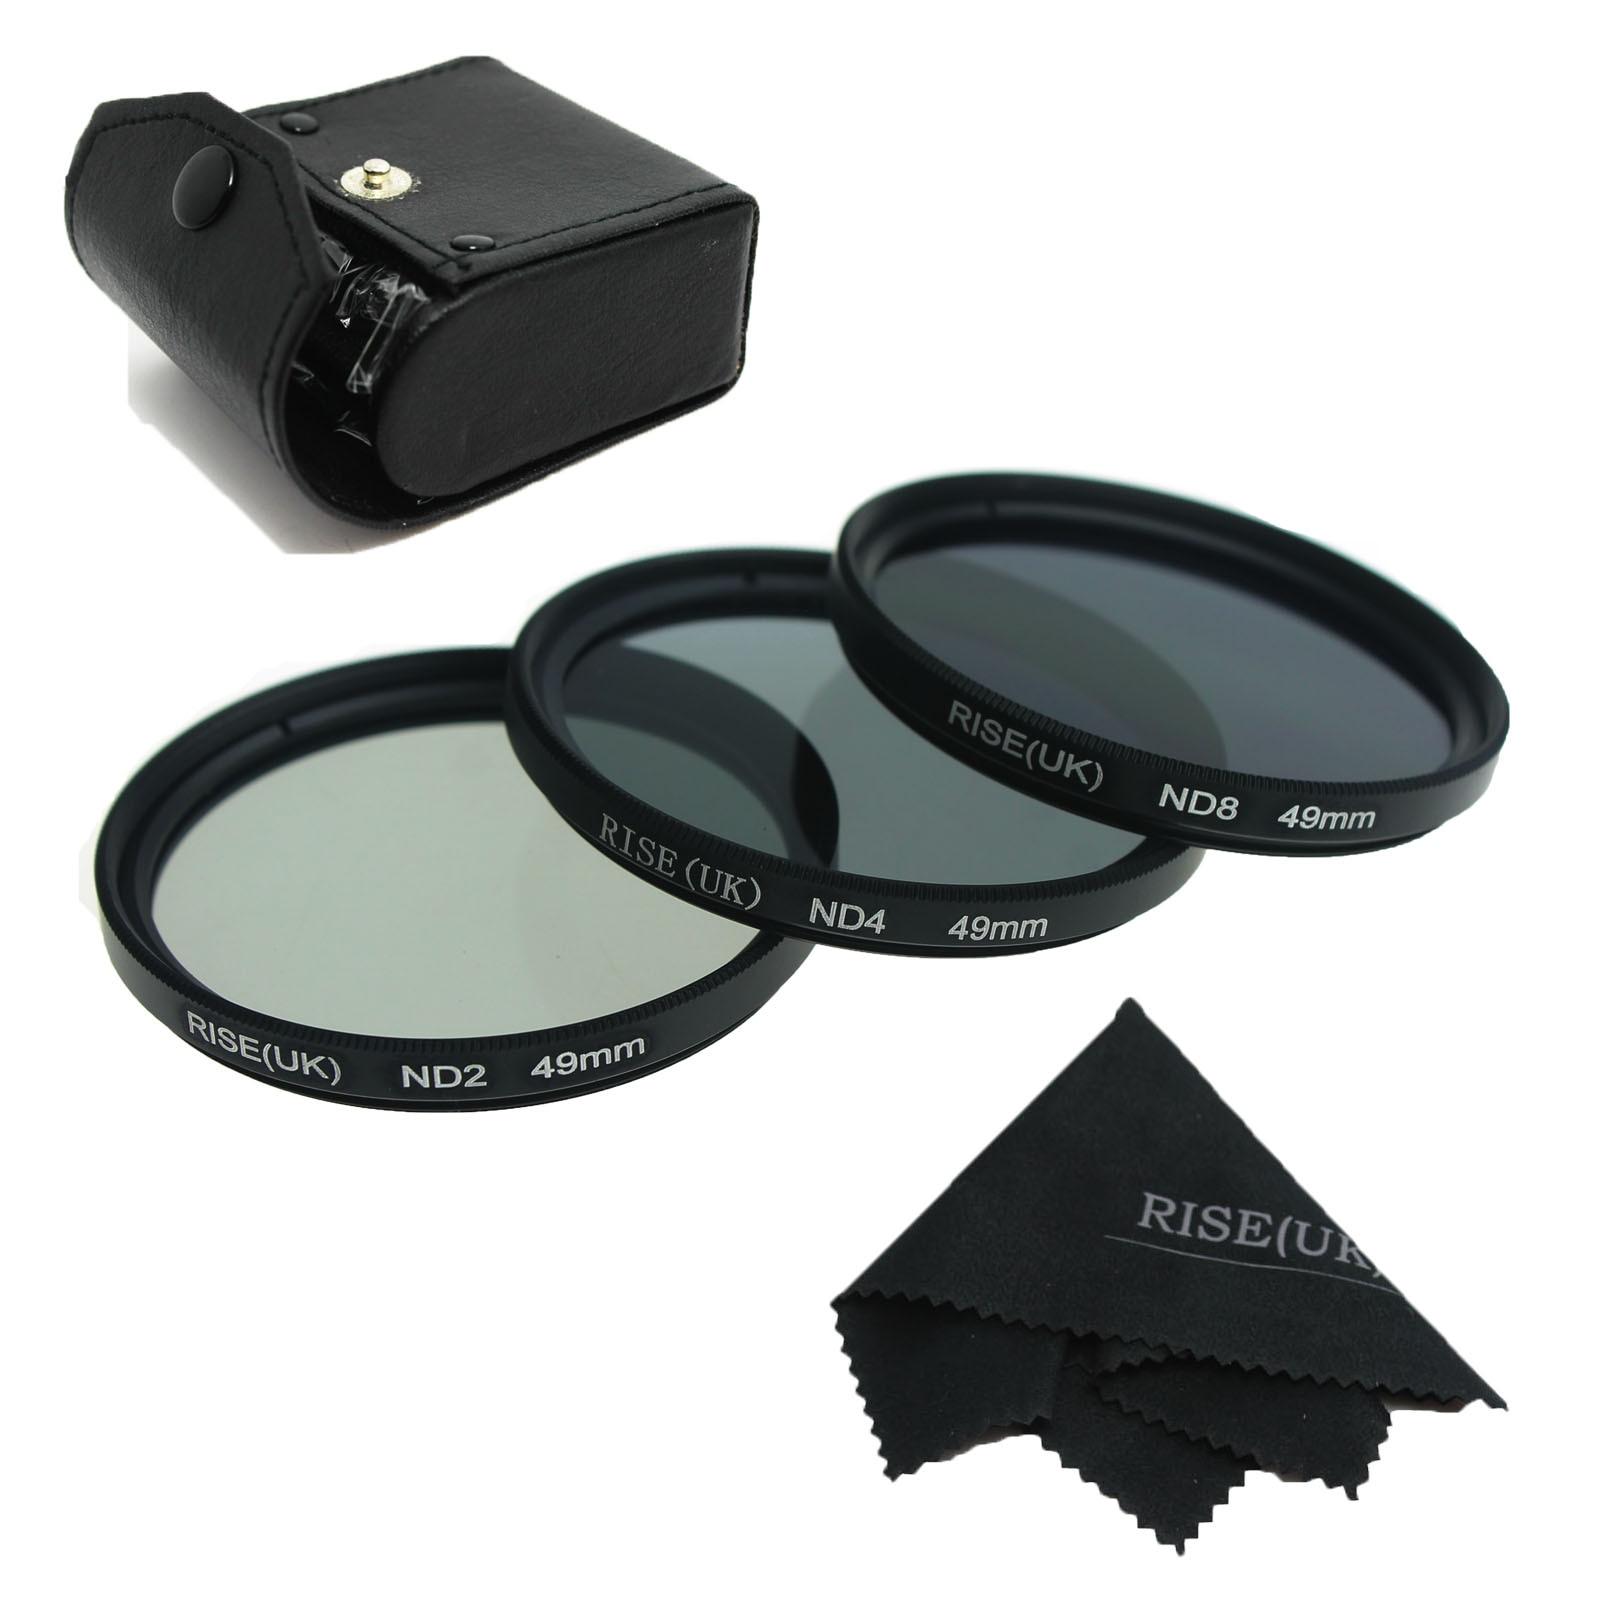 RISE (UK) 49mm 52mm 55mm 58mm 62mm 67mm 72mm 77 MM Densidade Neutra filtro Lens Set Kit ND2 ND4 ND8 ND 2 4 8